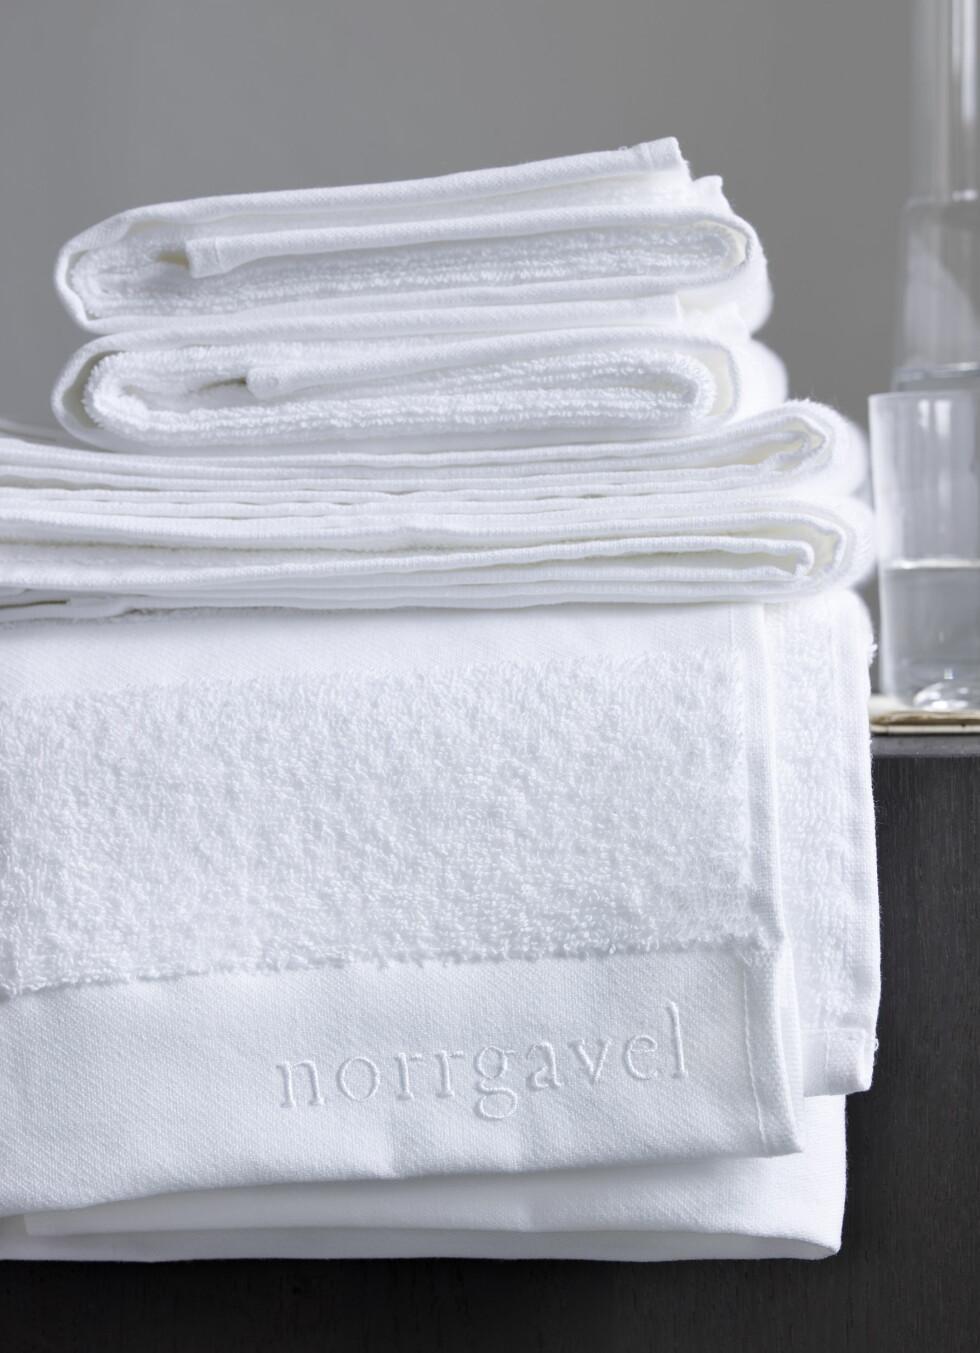 Norrgavel har også en egen tekstilkolleksjono med puter, pledd, sengetøy og håndklær. Alt økololgisk. Foto: Norrgavel